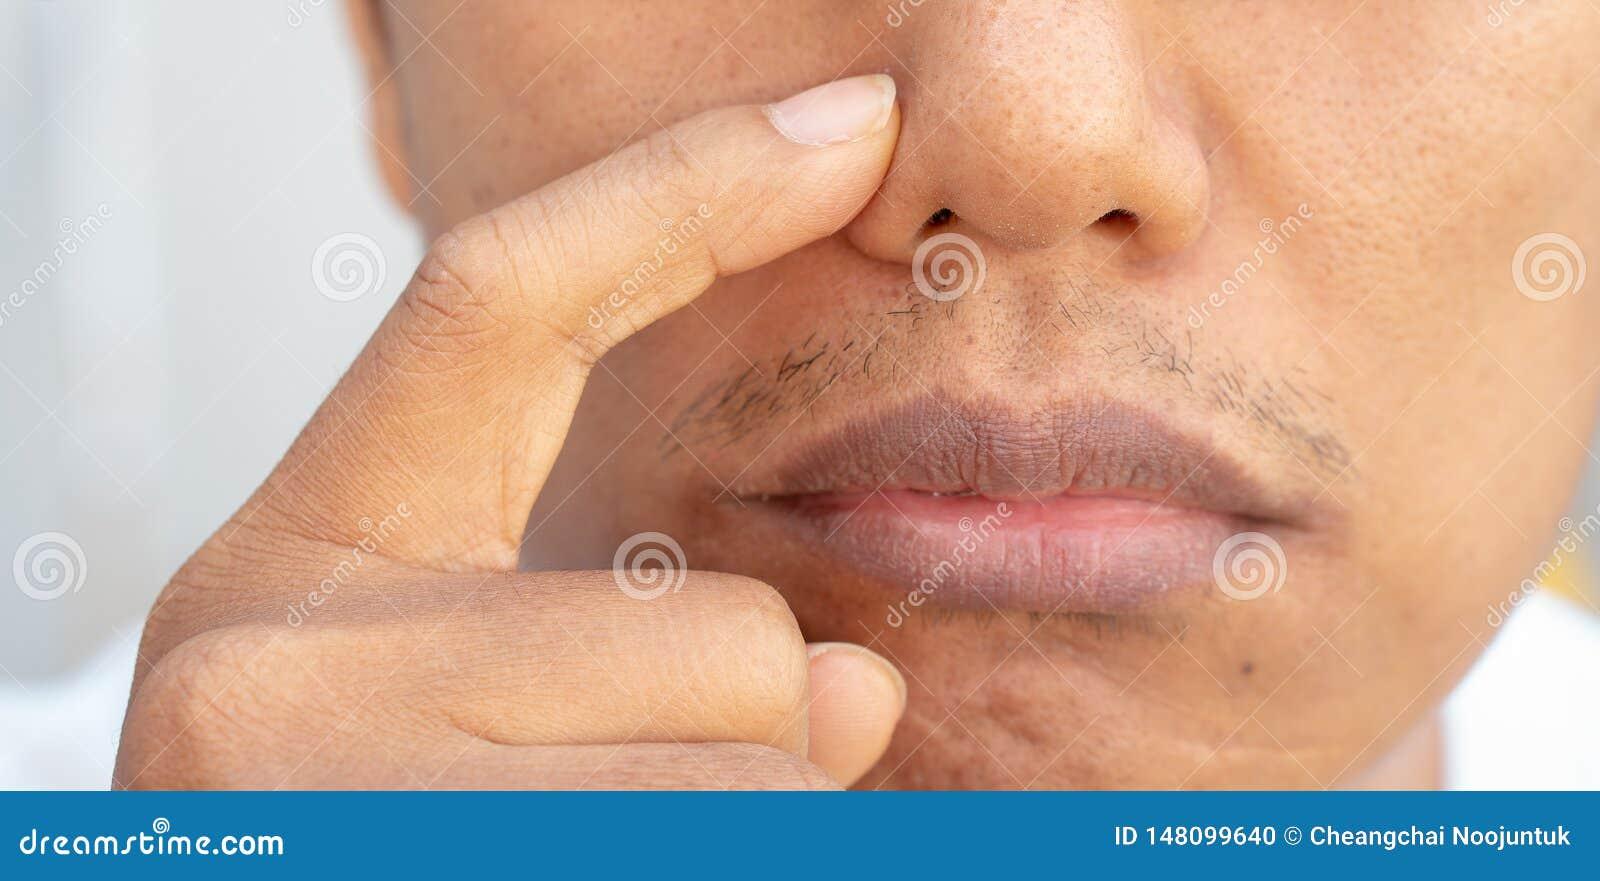 Problemas del acn? en la nariz de hombres